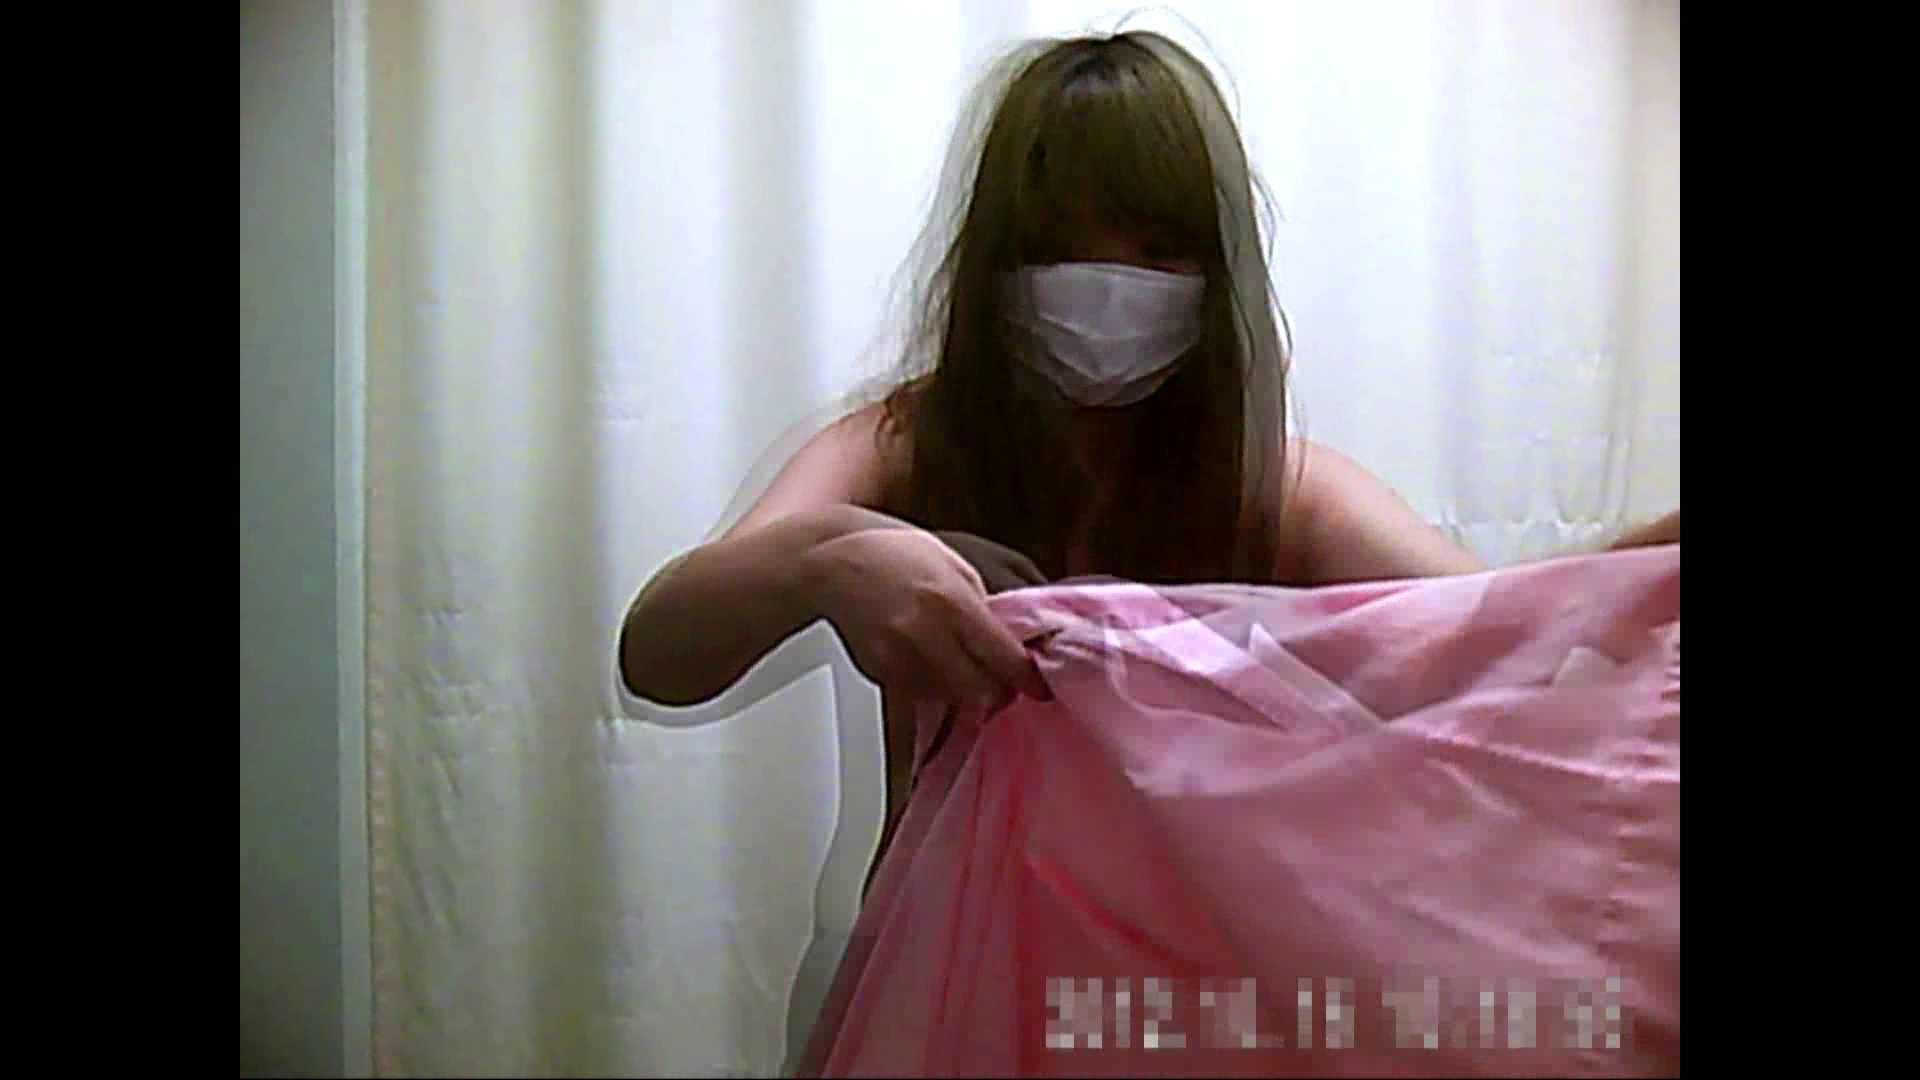 元医者による反抗 更衣室地獄絵巻 vol.057 お姉さん  112PIX 50